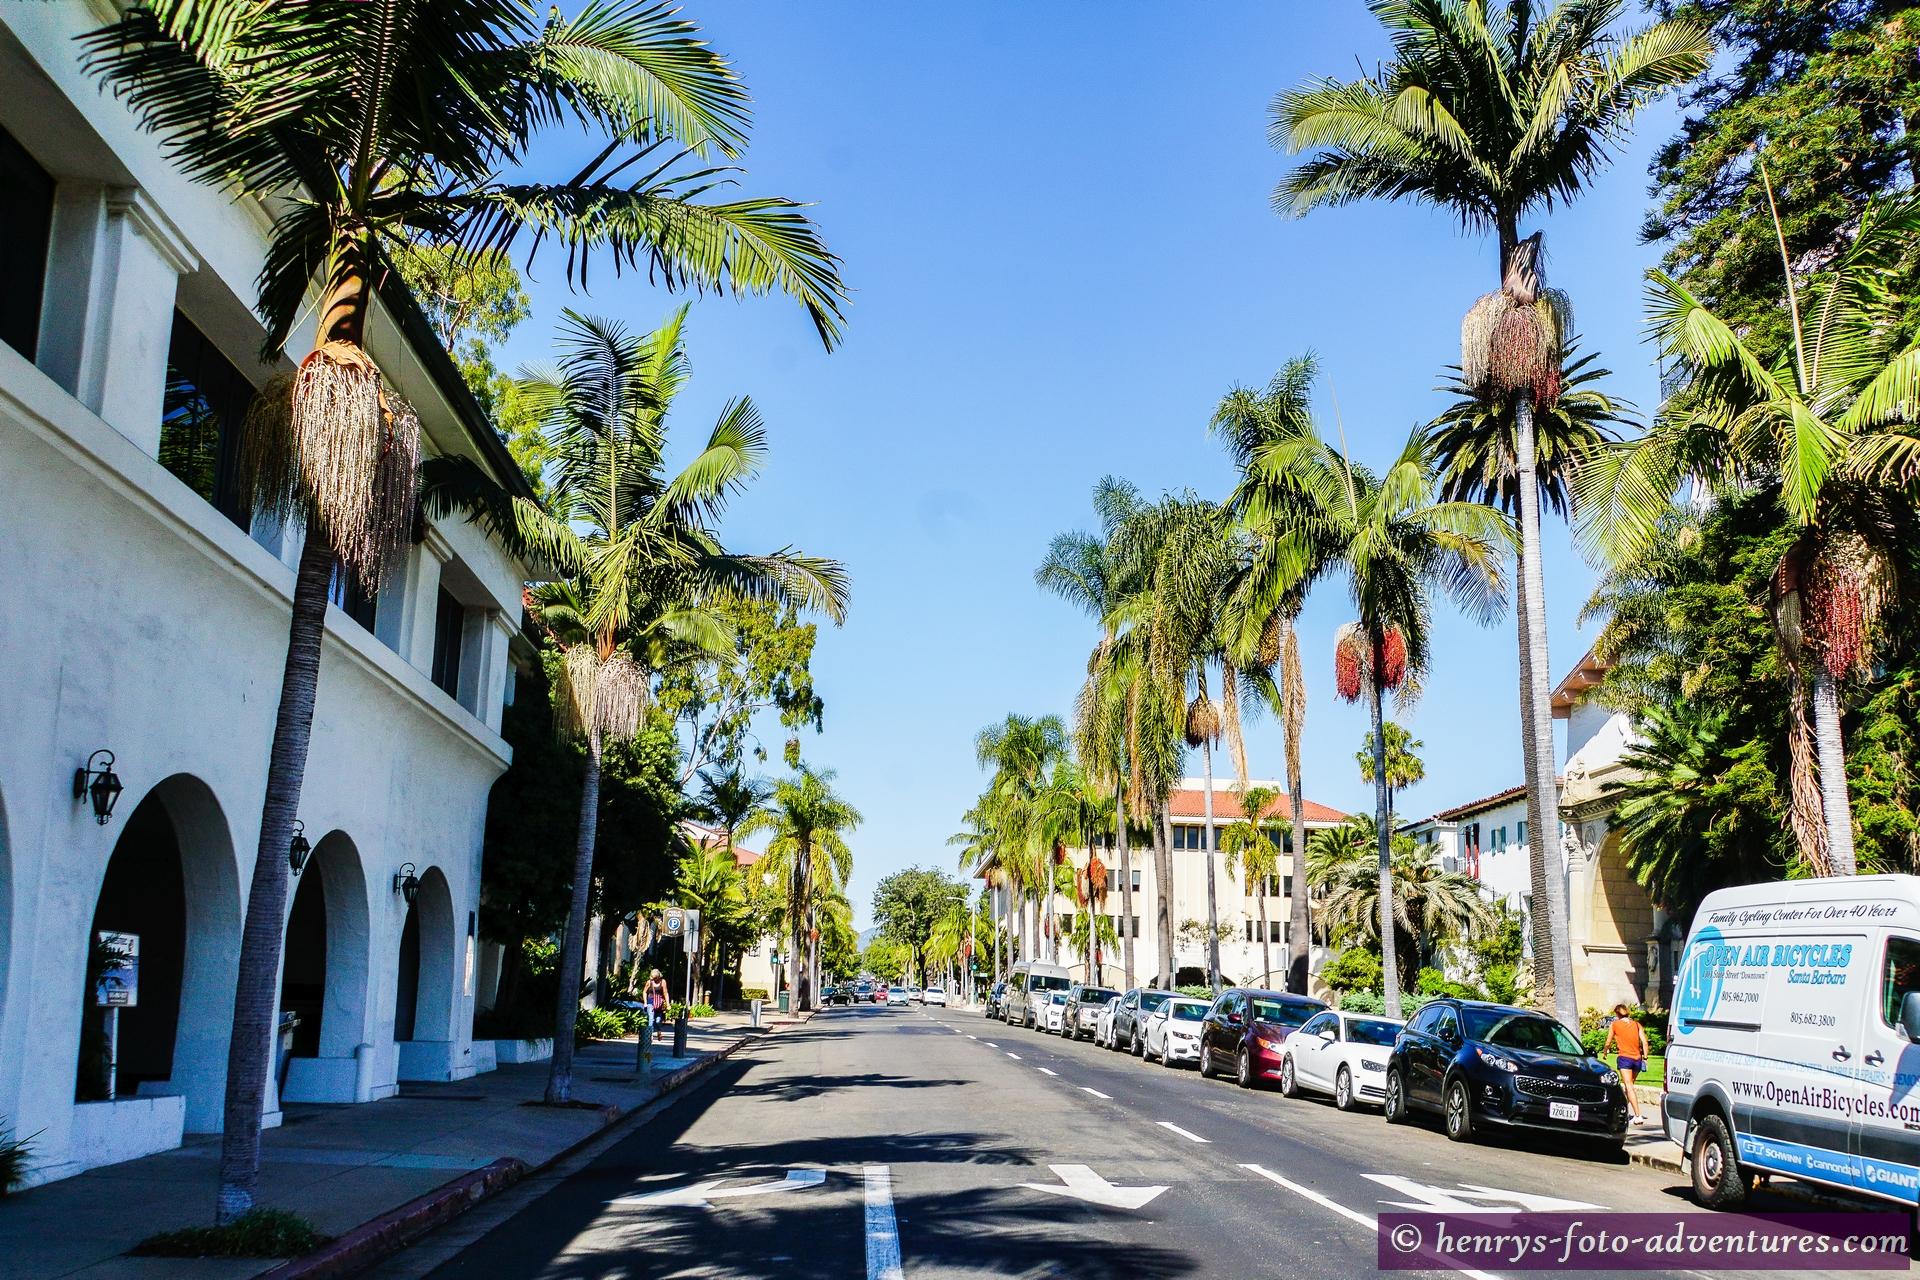 die Stadt Santa Barbara